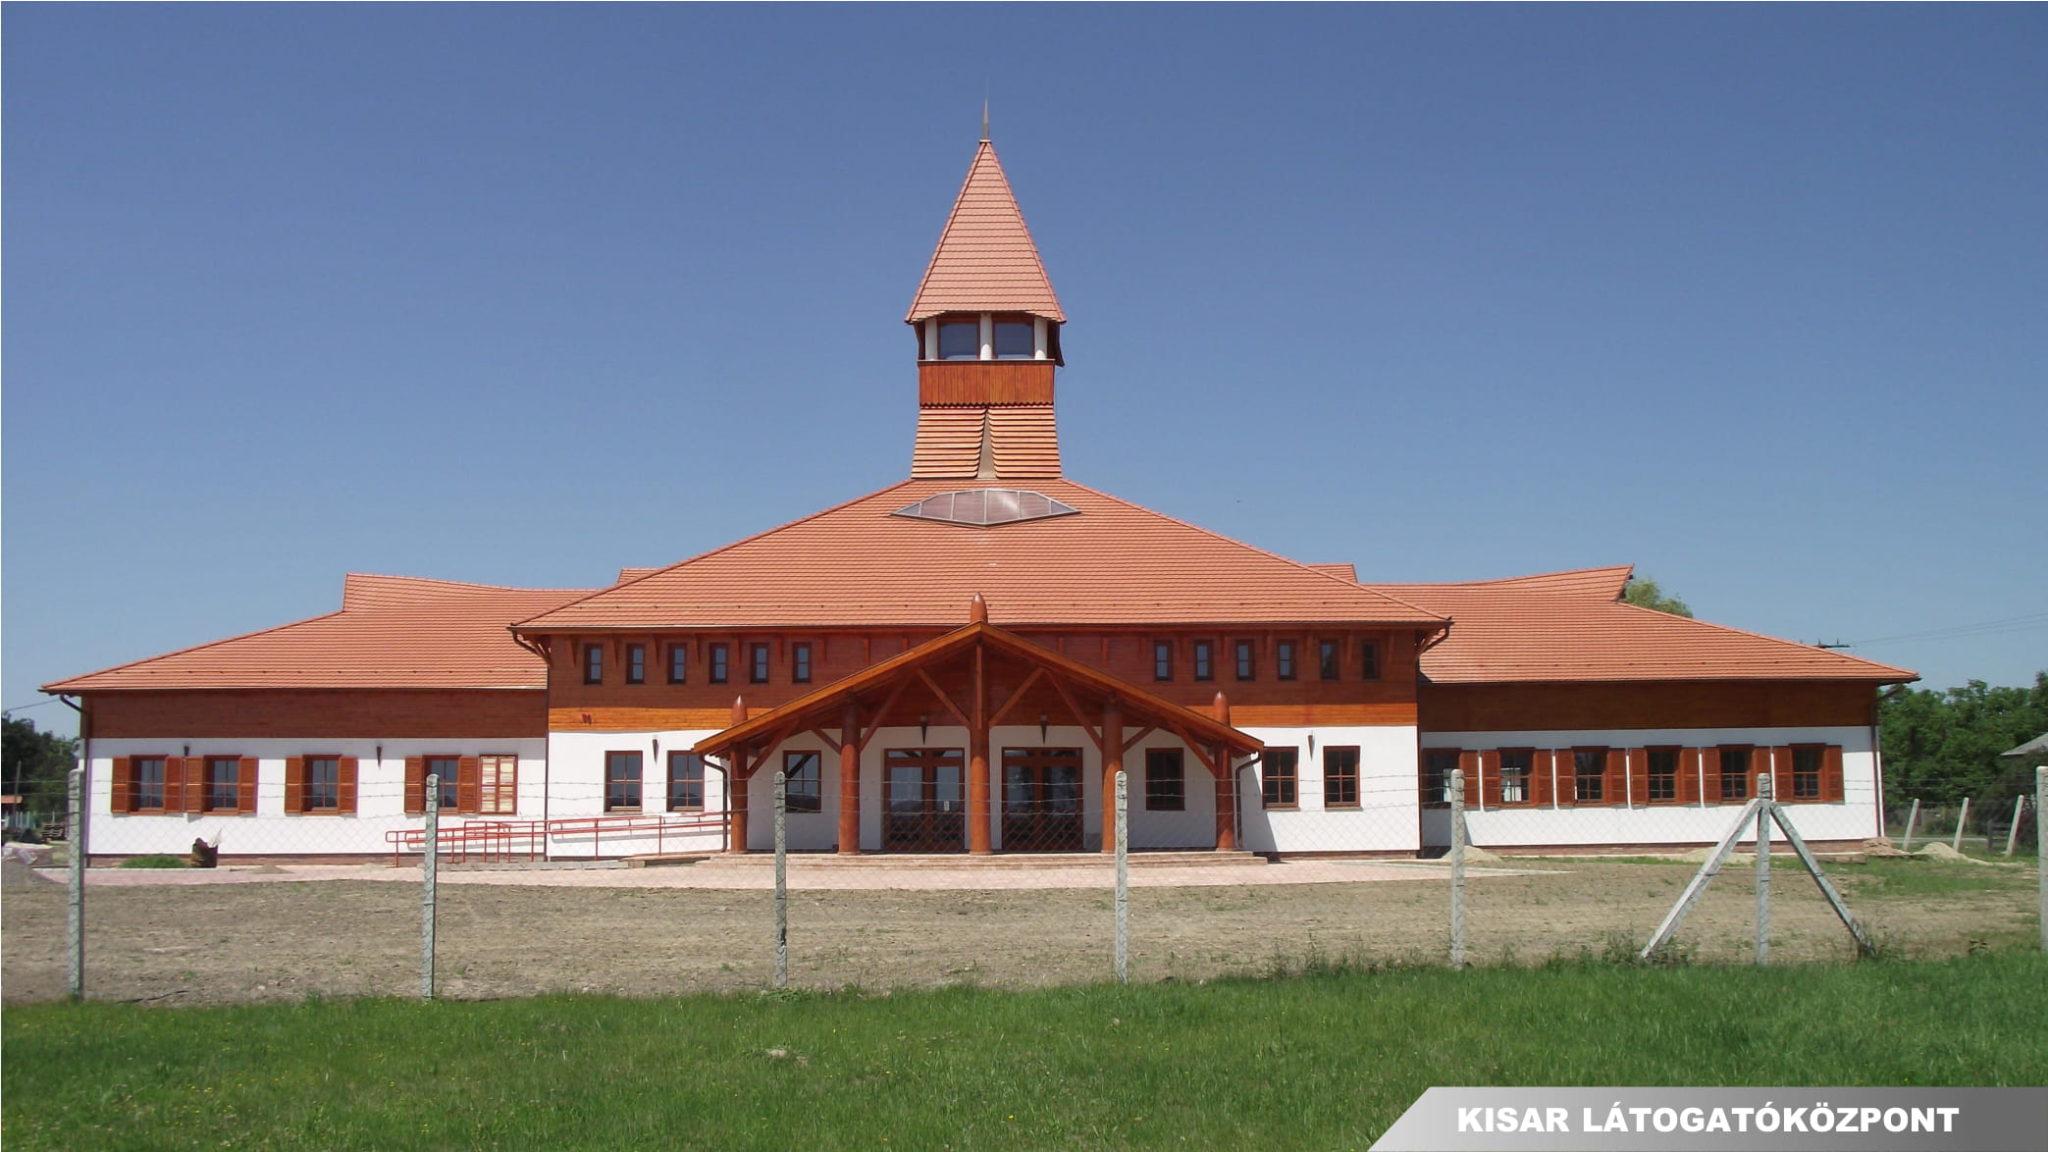 Kisar Látogatóközpont